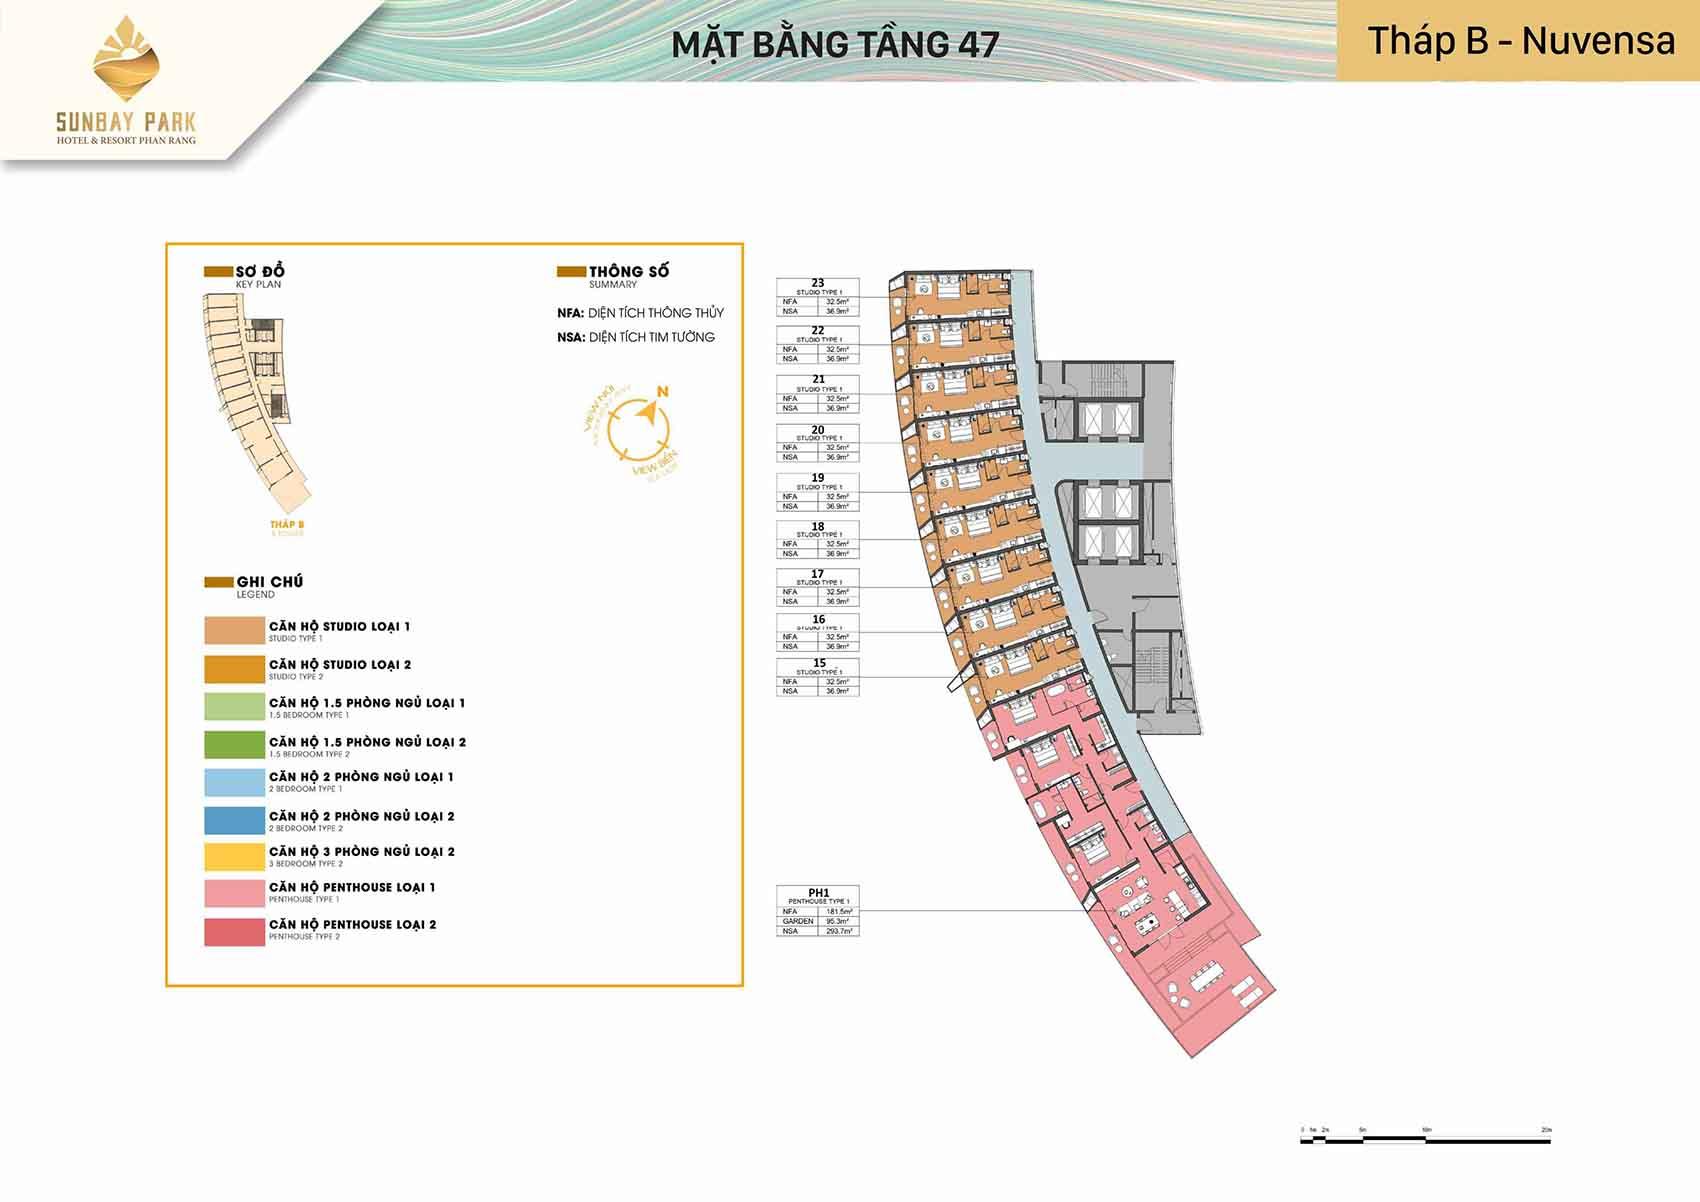 Mặt bằng thiết kế tòa B Nuvensa tầng 47 dự án Sunbay Park Phan Rang Ninh Thuận